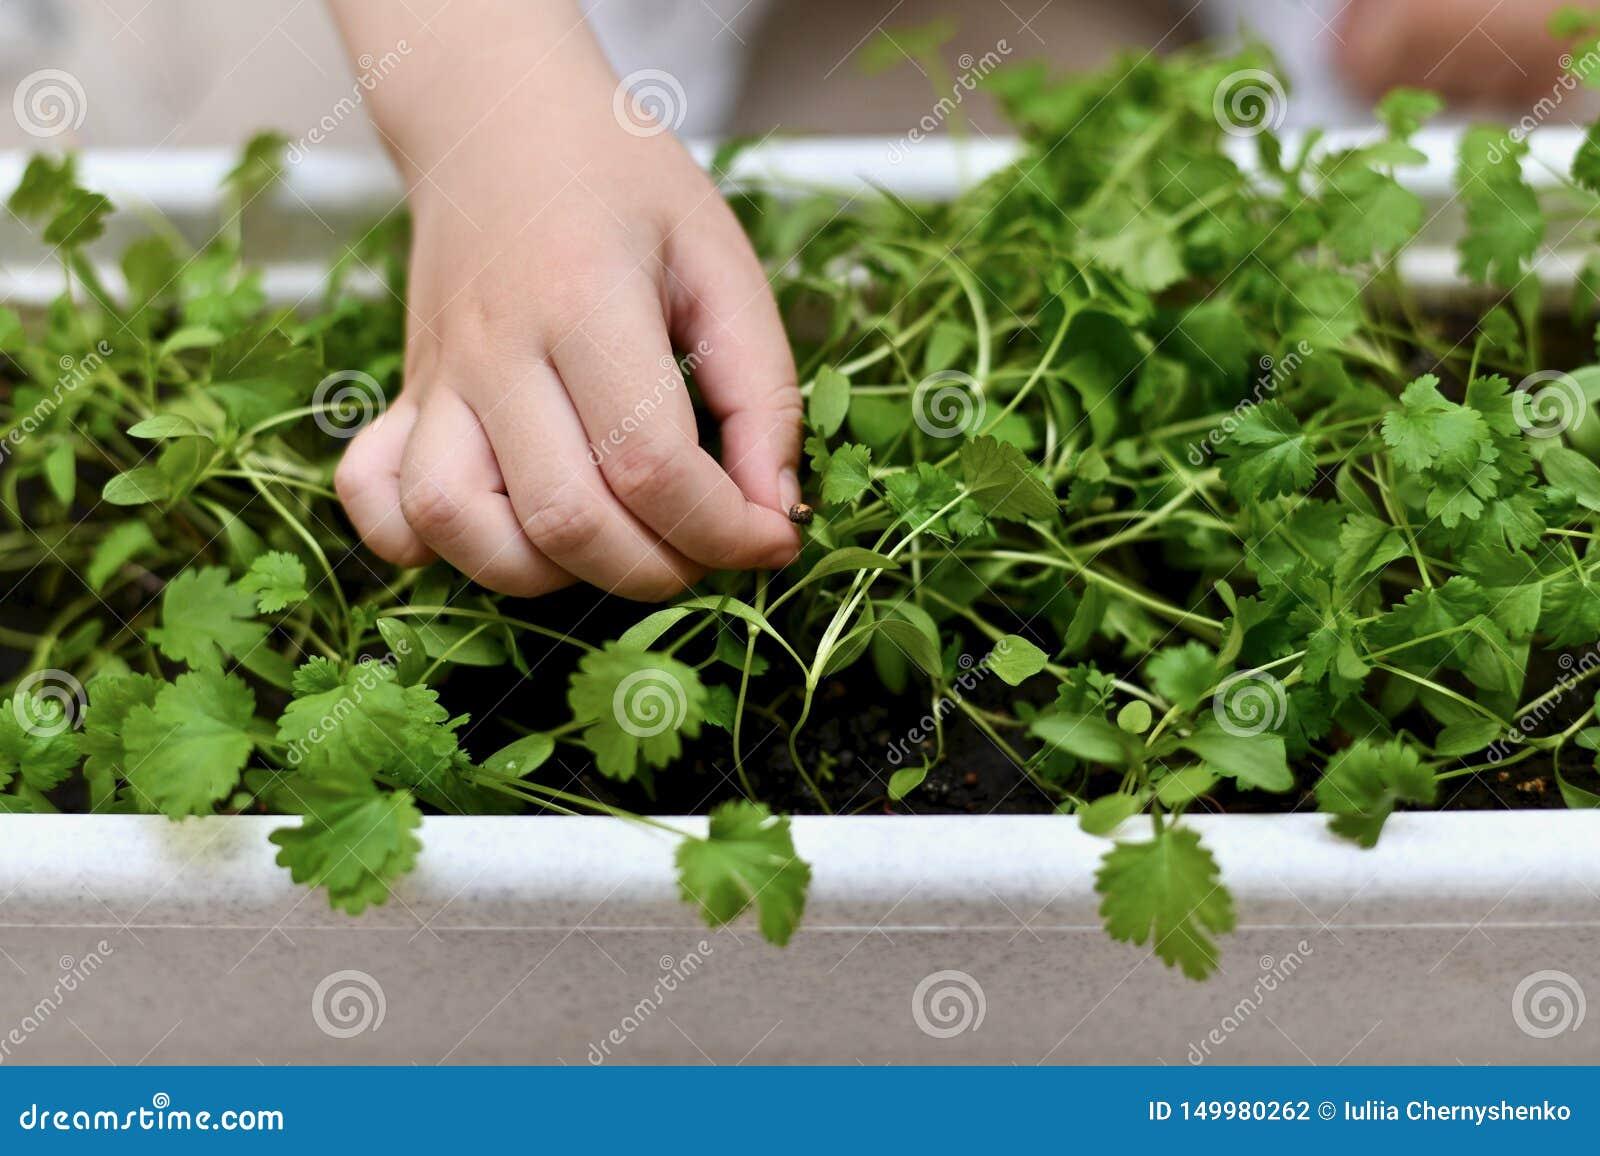 Mano de un niño con la semilla brotada del cilantro